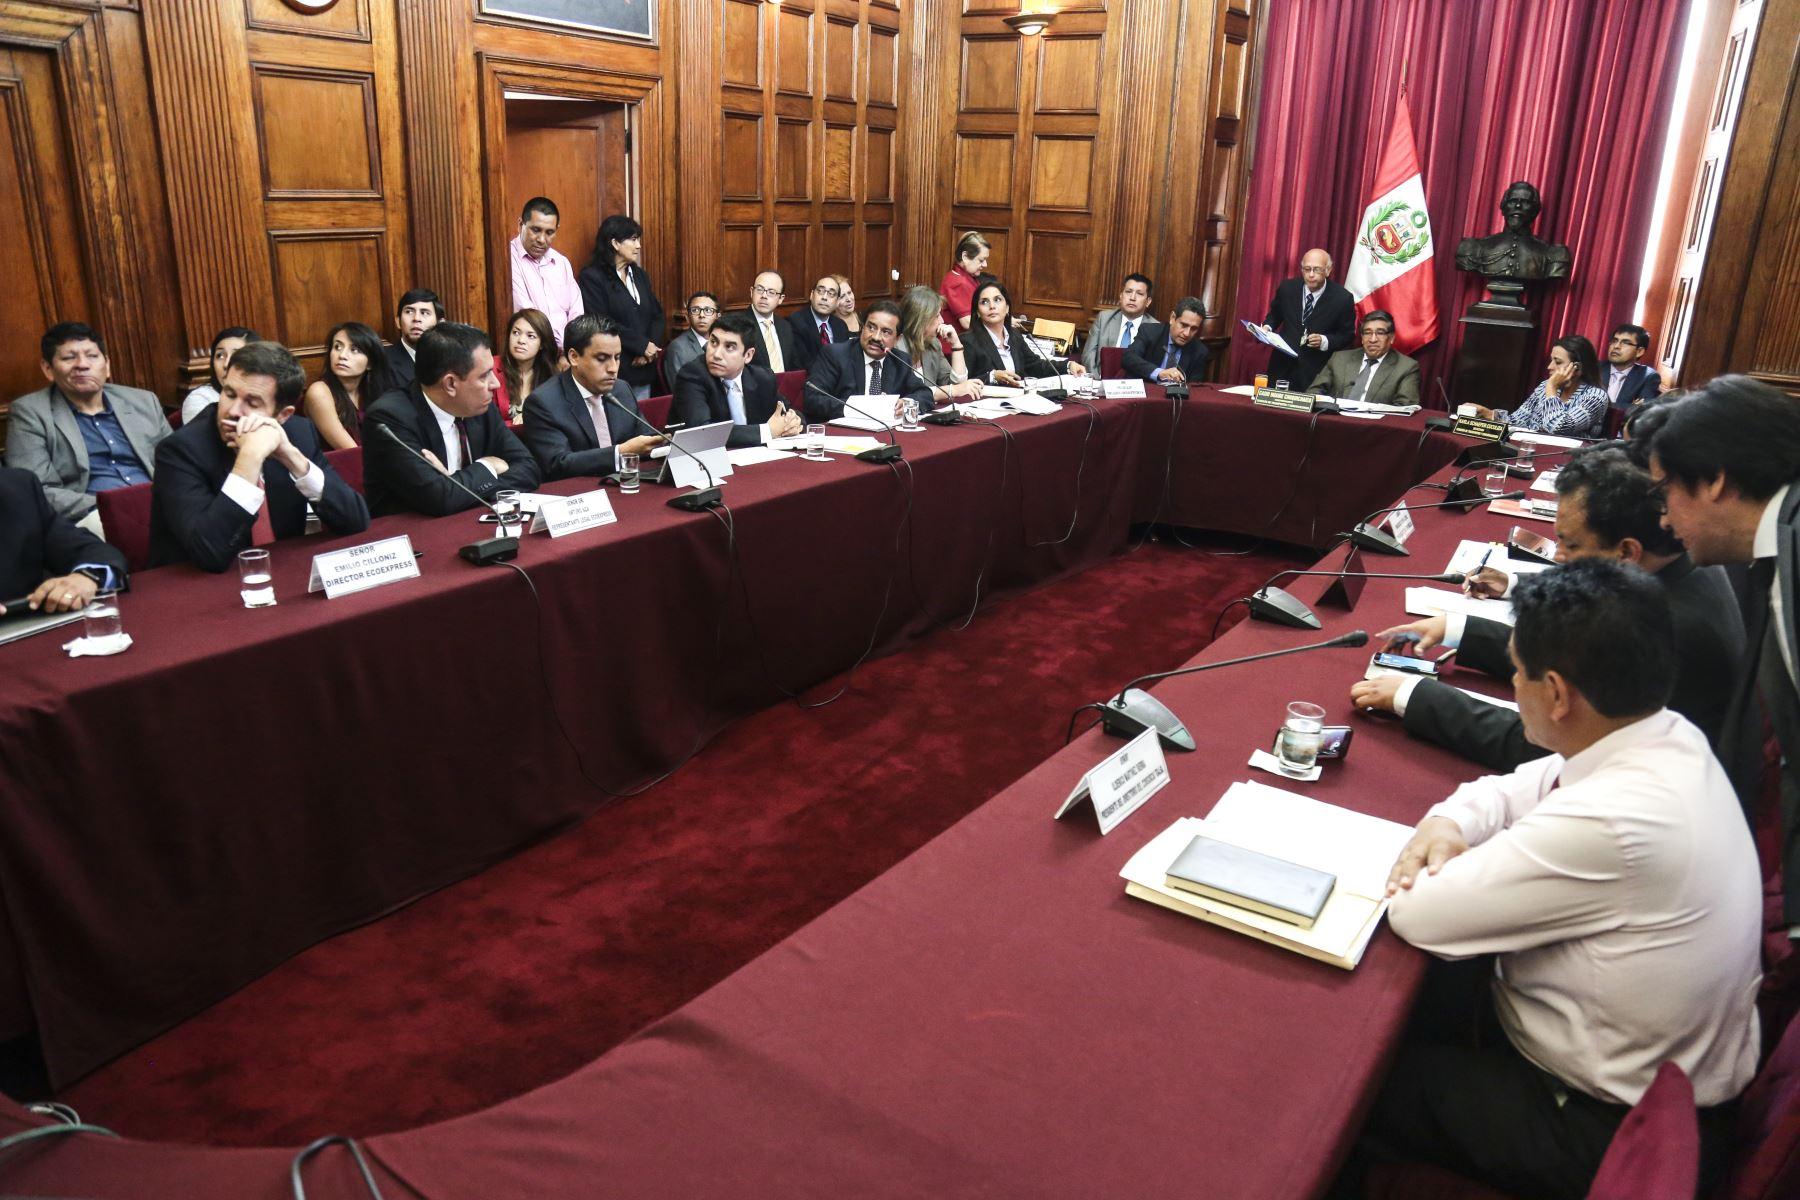 Comisión de Transportes y Comunicaciones del Congreso. Difusión